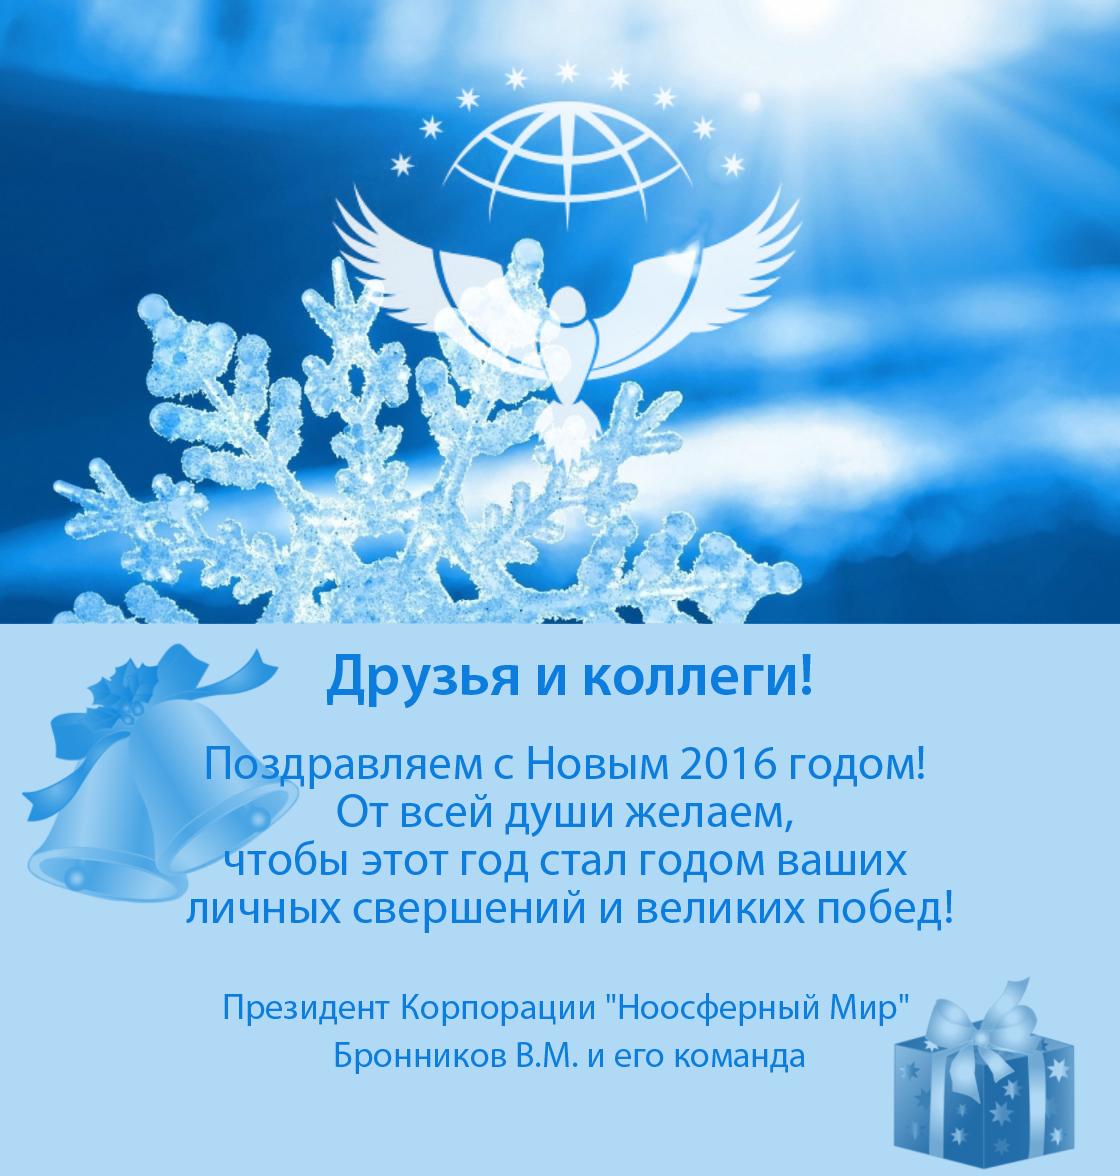 Официальное поздравление партнерам с новым годом